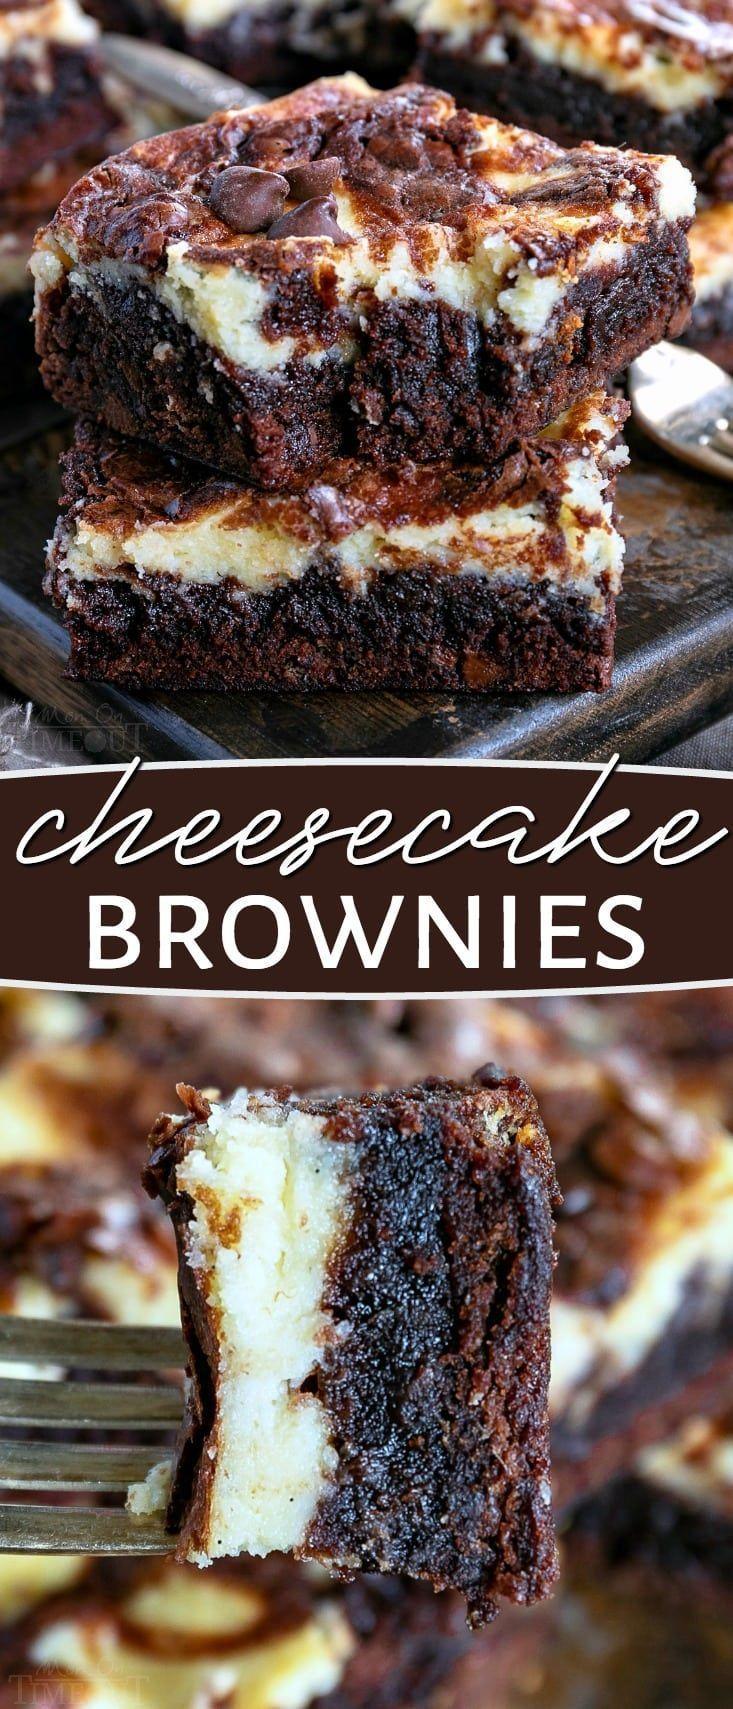 Diese Cheesecake Brownies sind eine kstliche Kombination aus zwei ... -